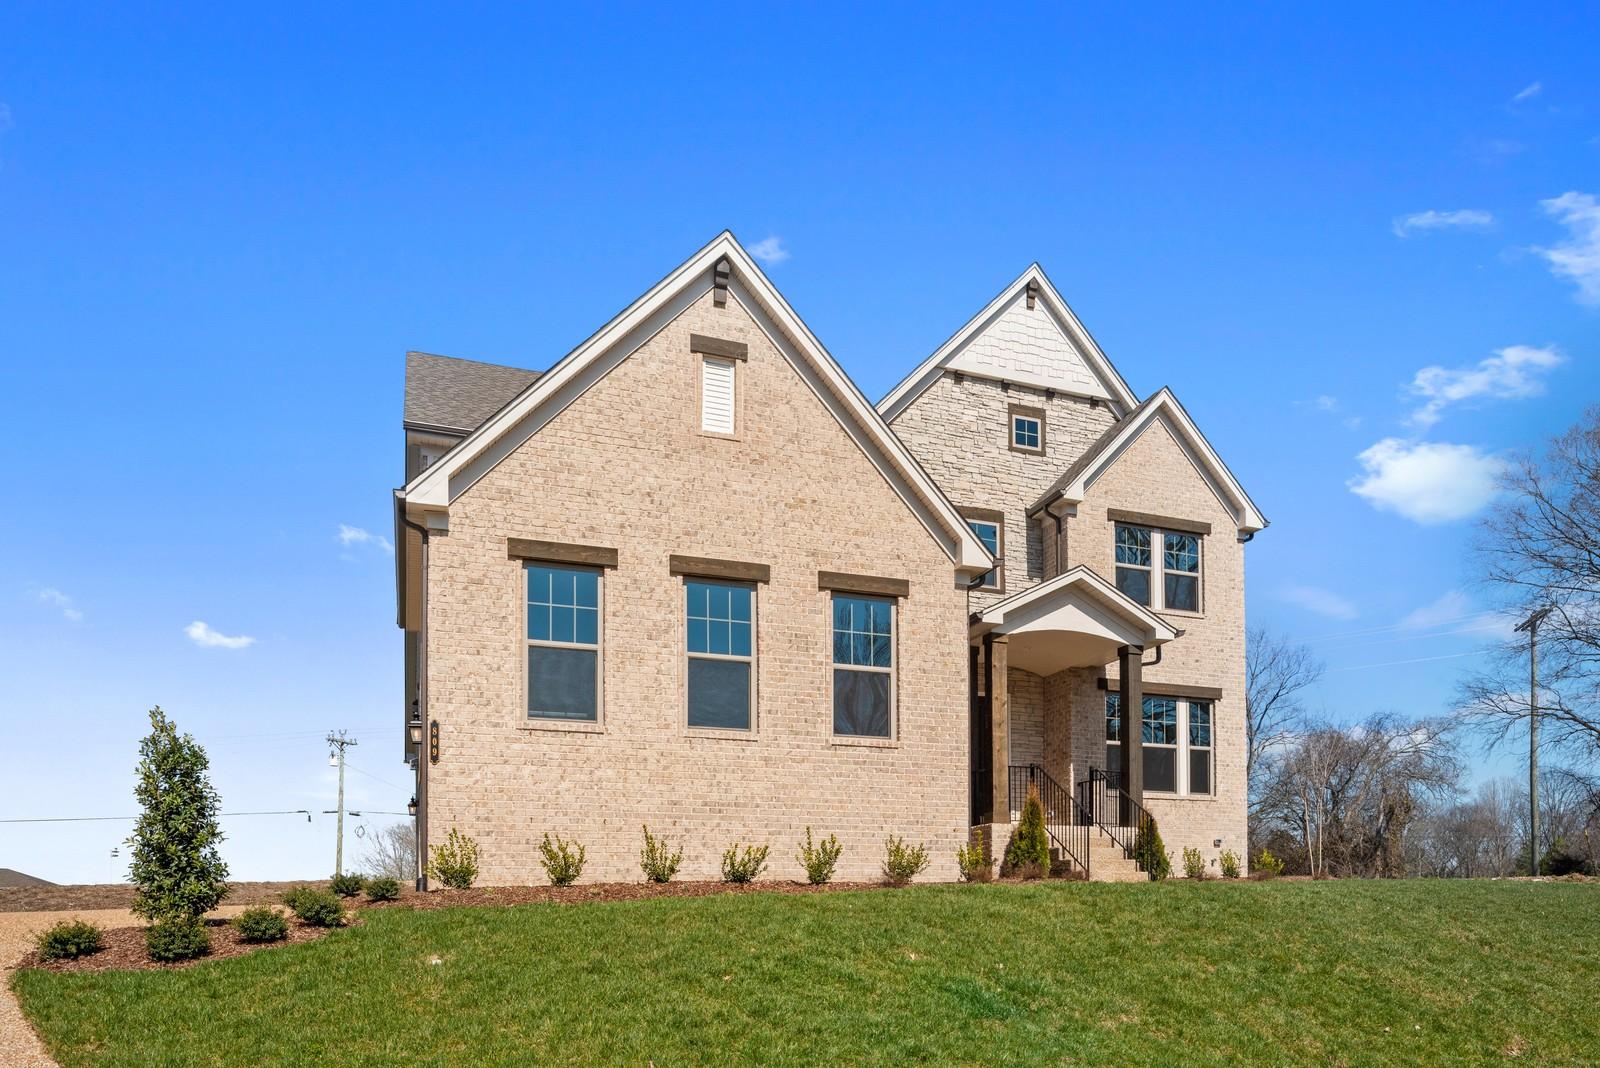 809 Delamotte Pass #122, Nolensville, TN 37135 - Nolensville, TN real estate listing